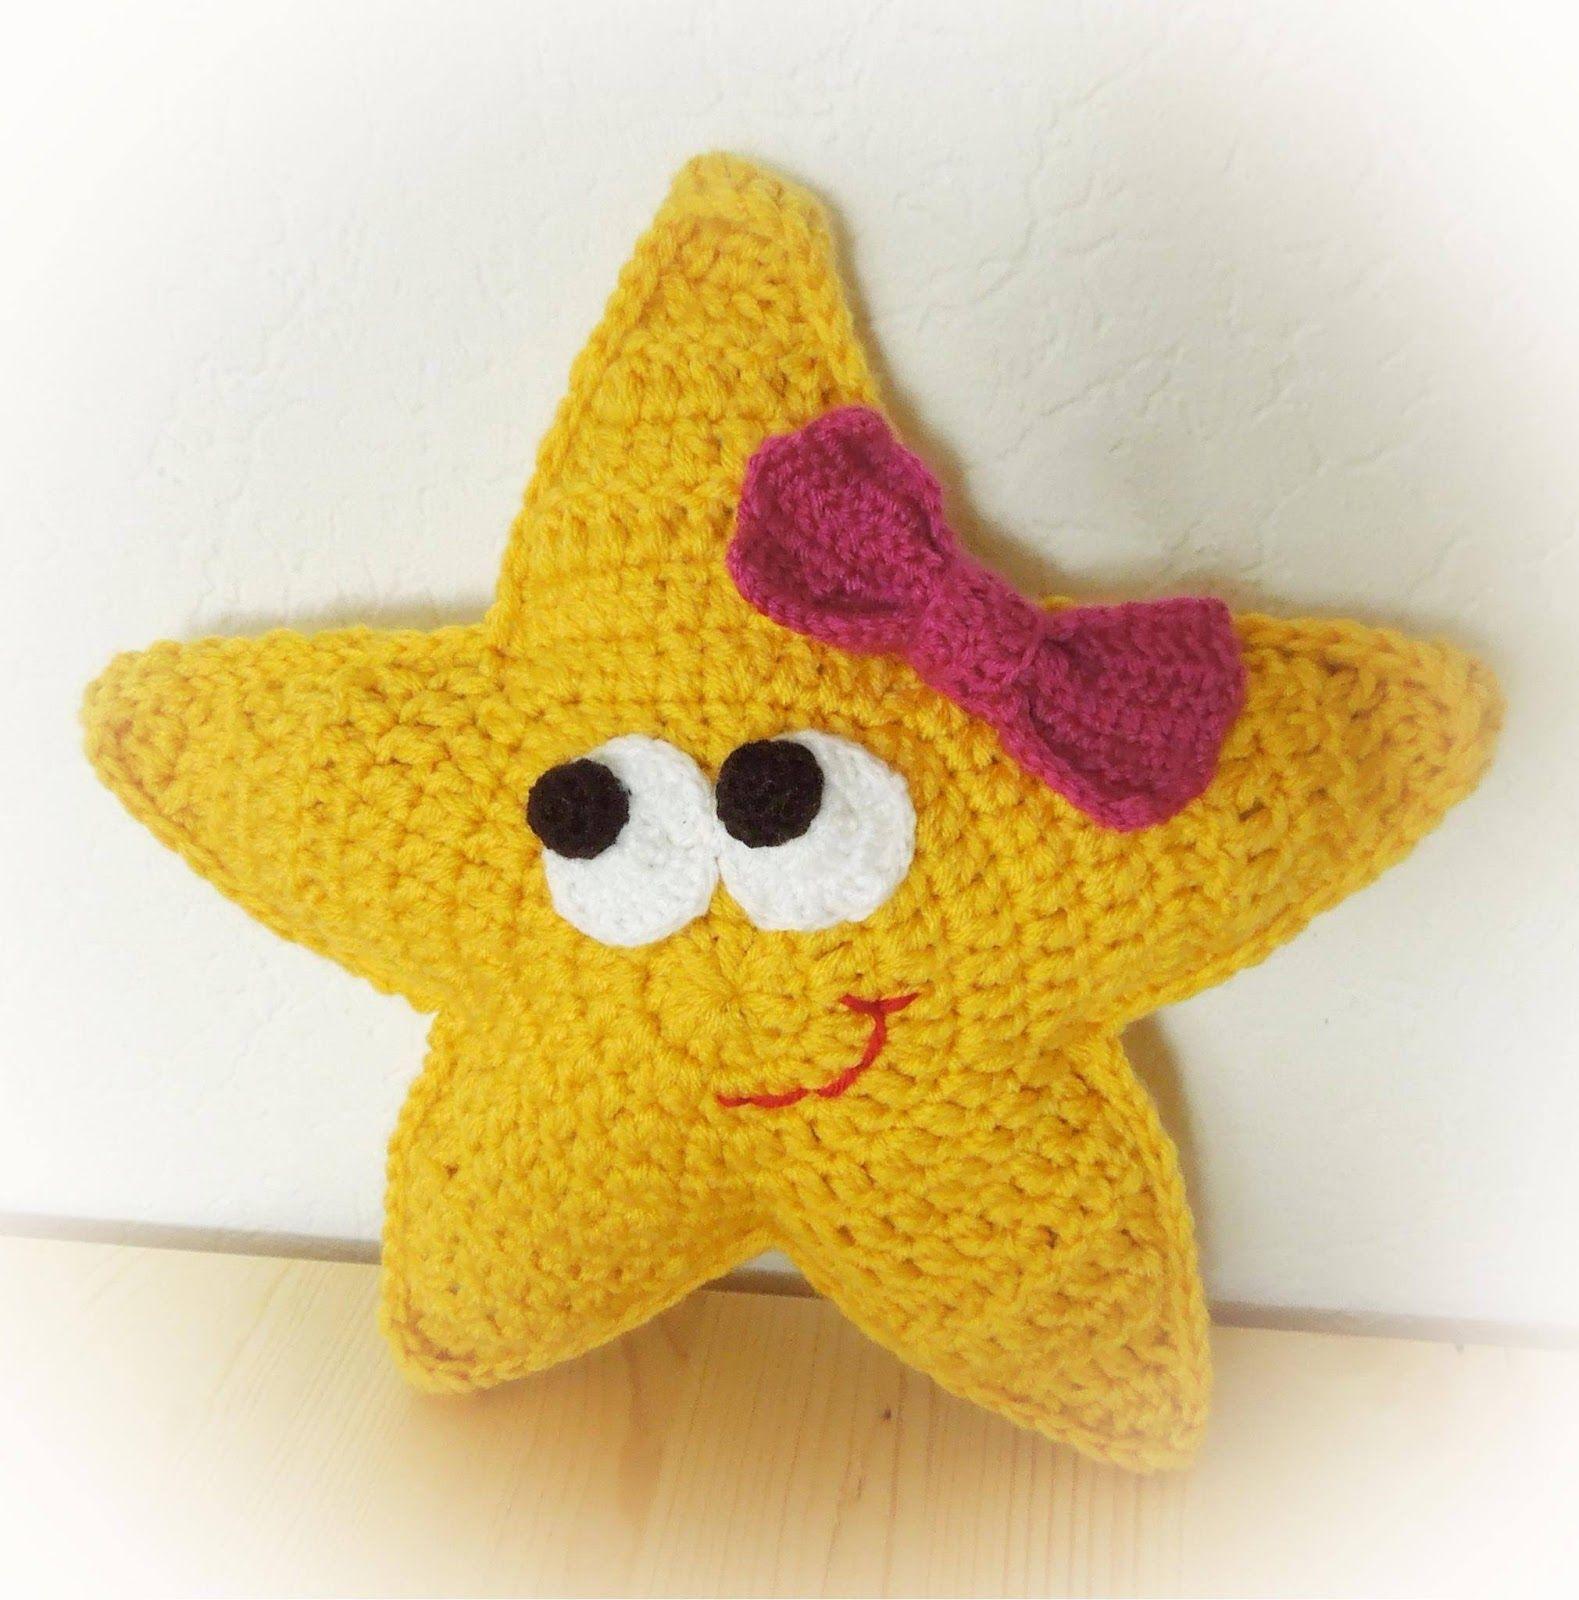 Diesen kleinen niedlichen Schlummer Stern häkeln. Anleitung ...